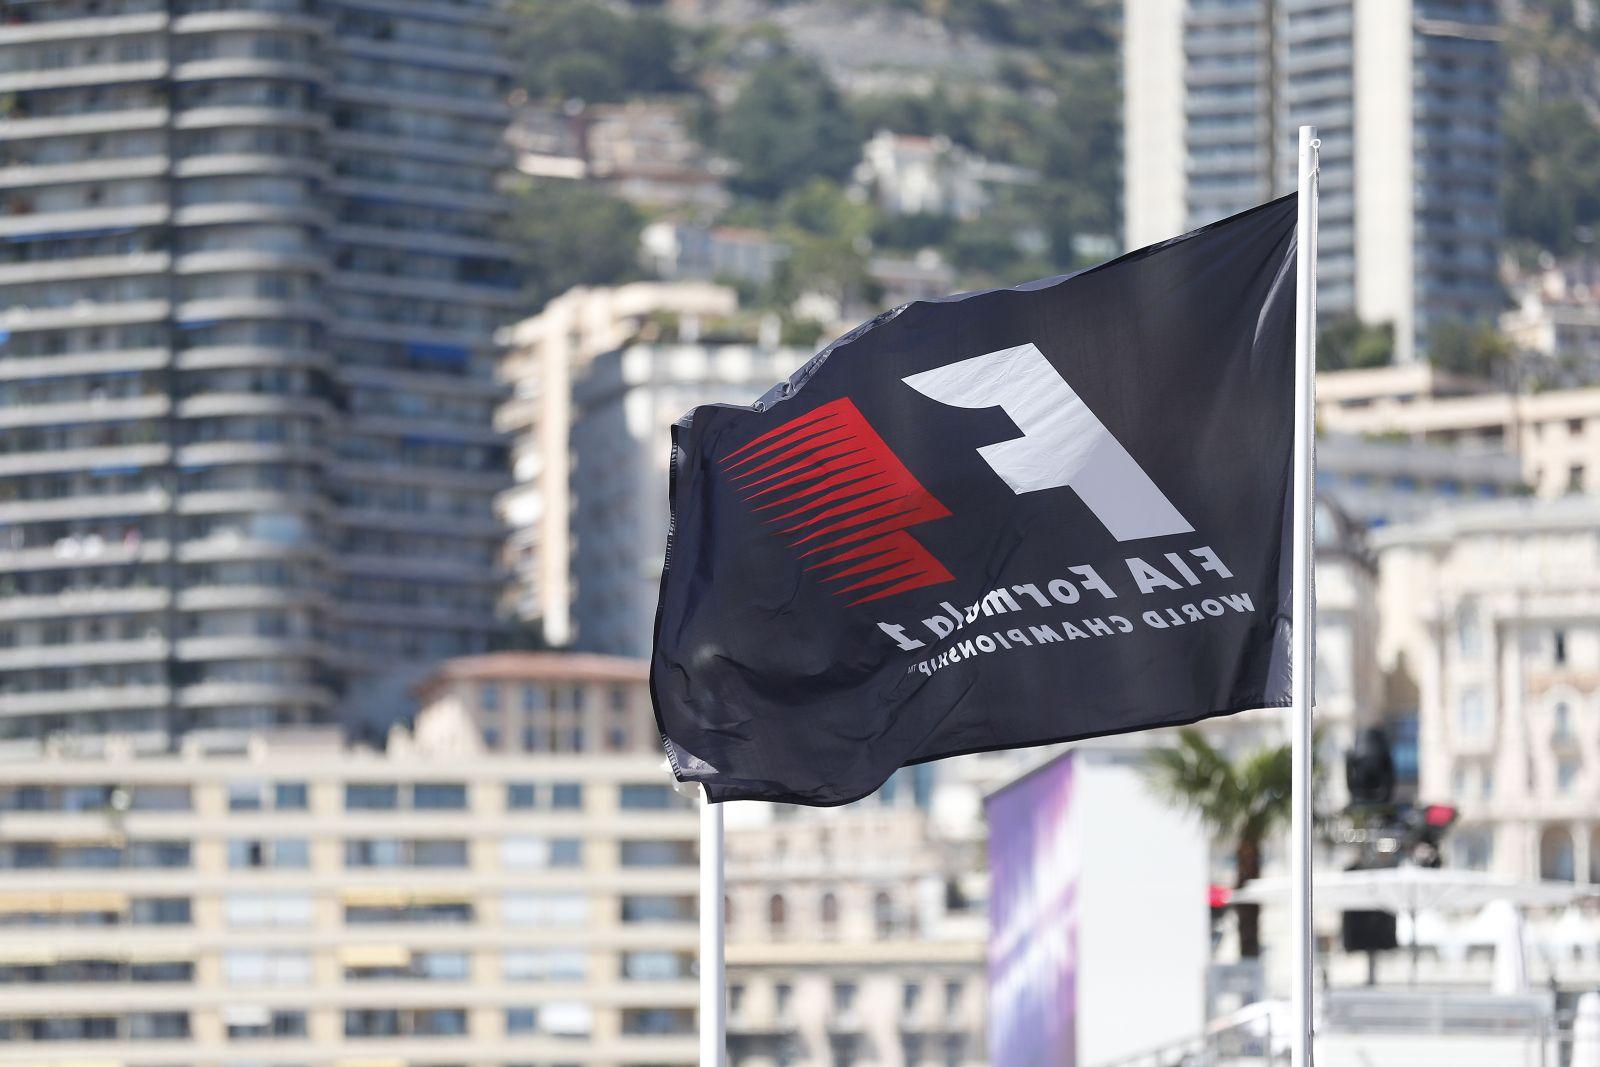 Diktatúra kéne az F1 élére, mert most bármivel állnak elő, az sz*r